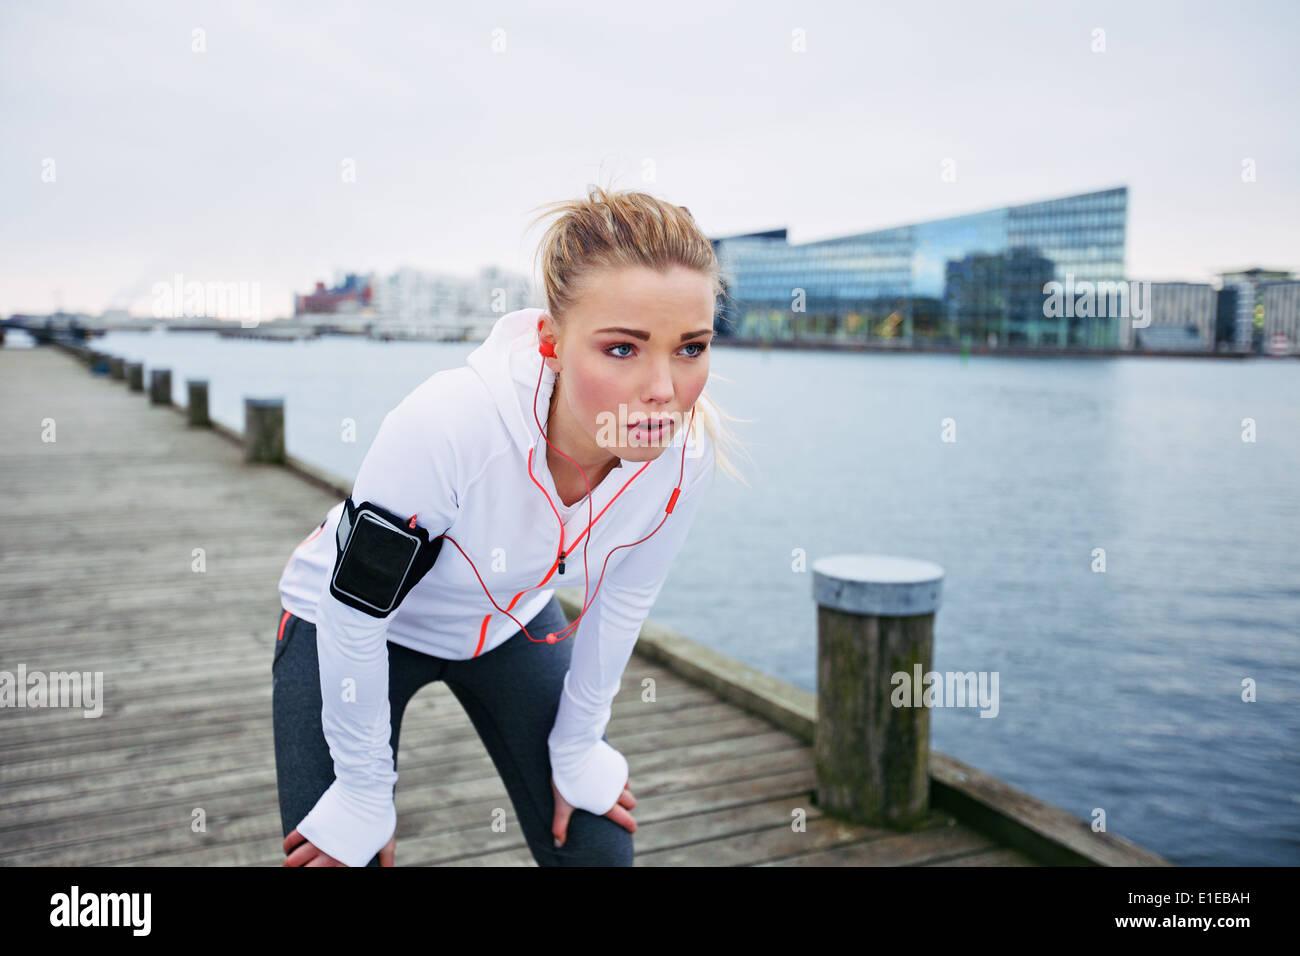 Jeune coureuse d'arrêter pour se reposer tandis que dehors sur une course le long de la rivière. Femme de remise en forme en faisant une pause à partir de la session de formation. Photo Stock